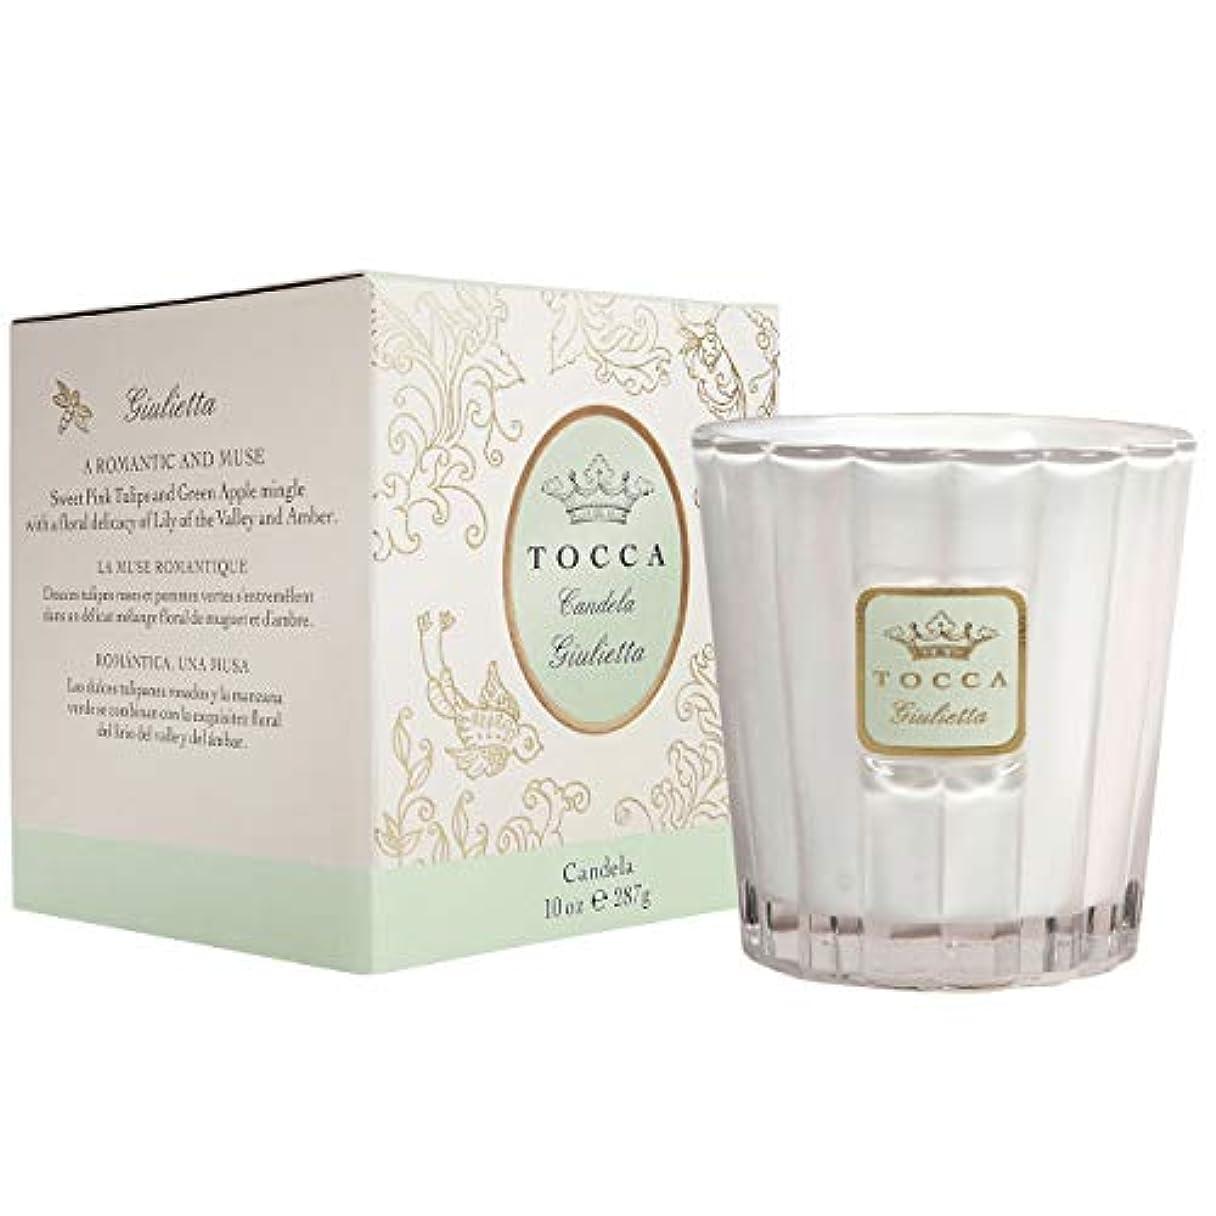 好戦的な沈黙対トッカ(TOCCA) キャンドル ジュリエッタの香り 約287g (ろうそく 爽やかで甘い香り)